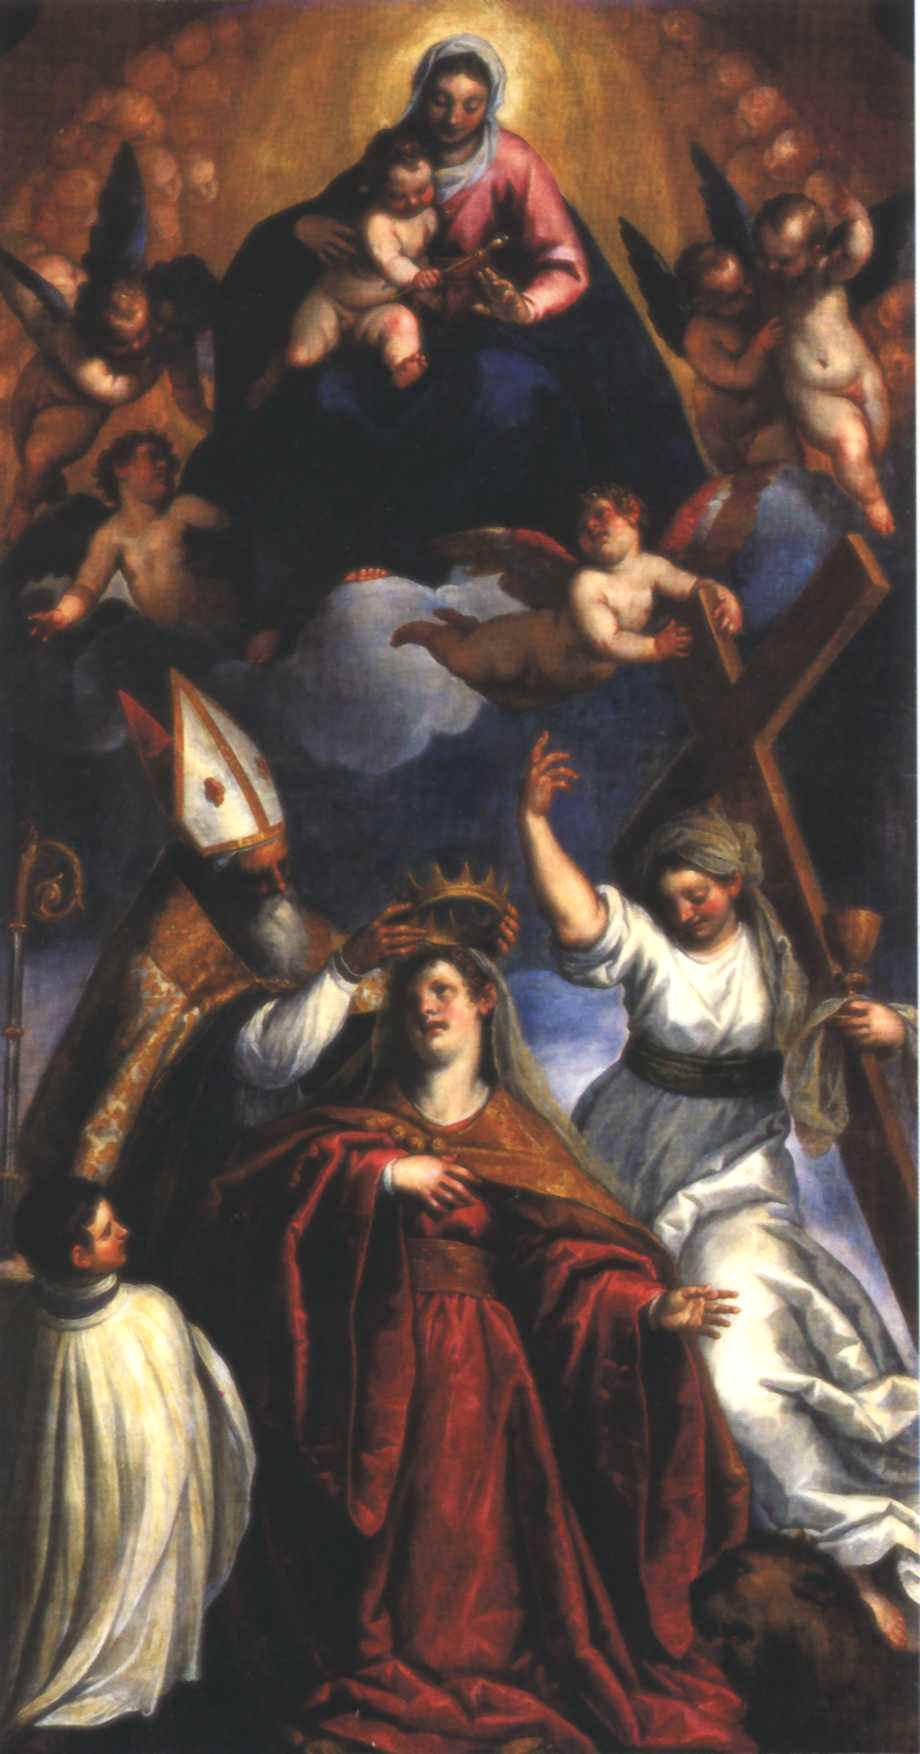 La Vergine Assunta assiste all' incoronazione di Venezia